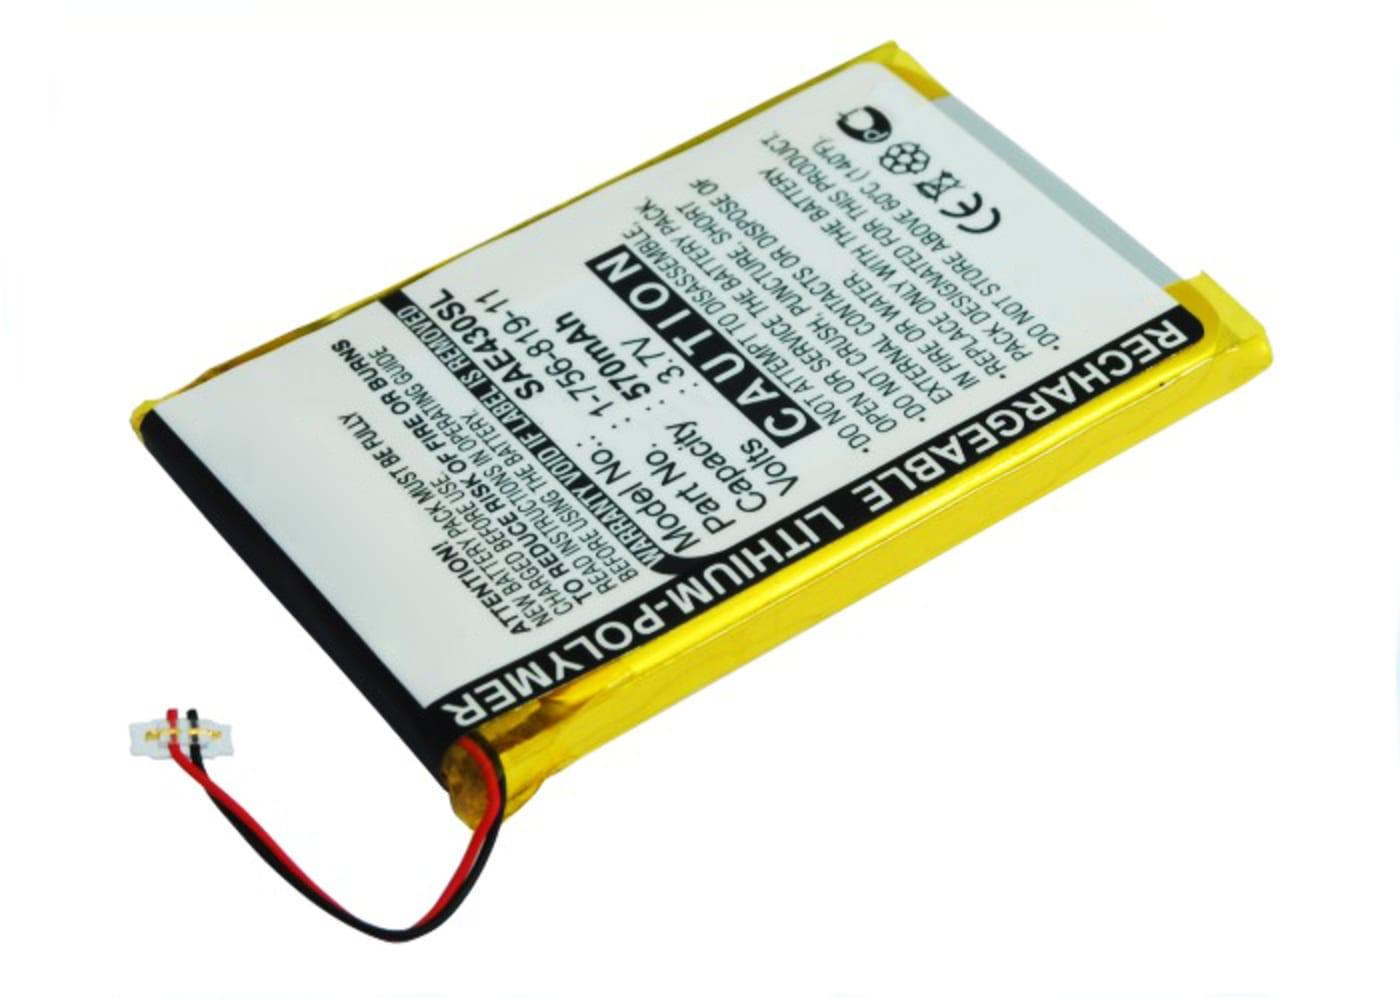 Batterij voor Sony NW-E435 -E436 -E438F -E436F - 1-756-819-11,1-756-819-12 570mAh vervangende accu